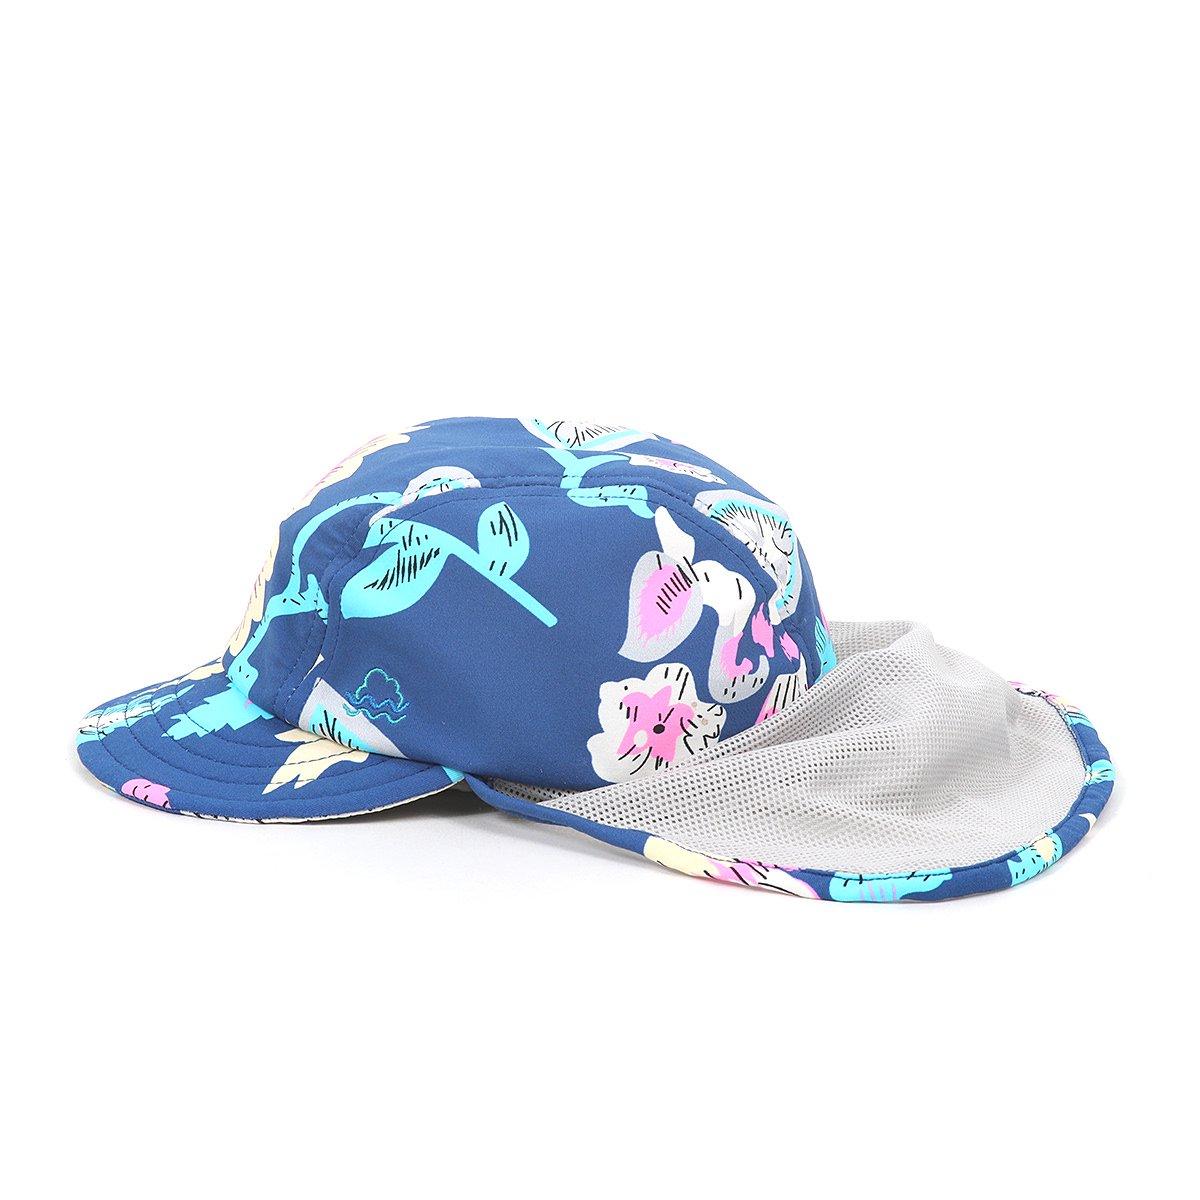 【BABY】Baby Swim Sea Cap 詳細画像2